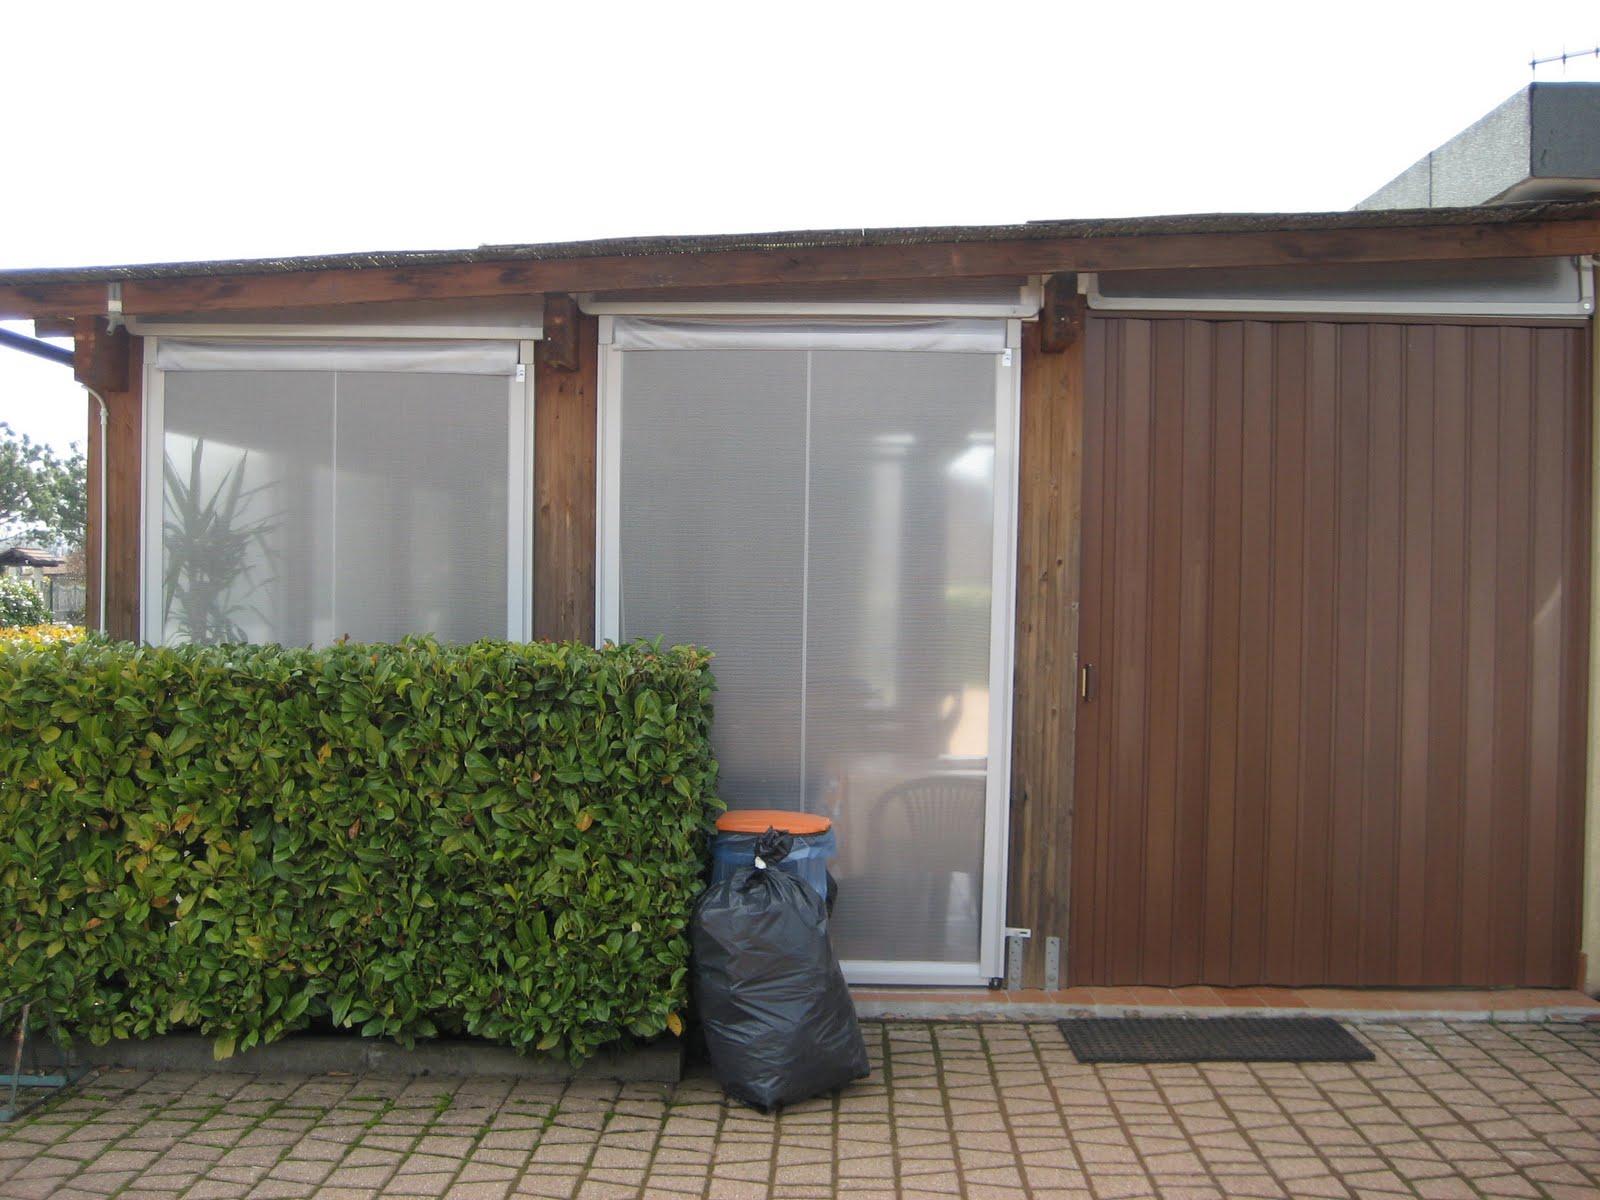 Tende Veranda Per Chiusure Invernali : Tende da sole a torino m f chiusura di pergolato in